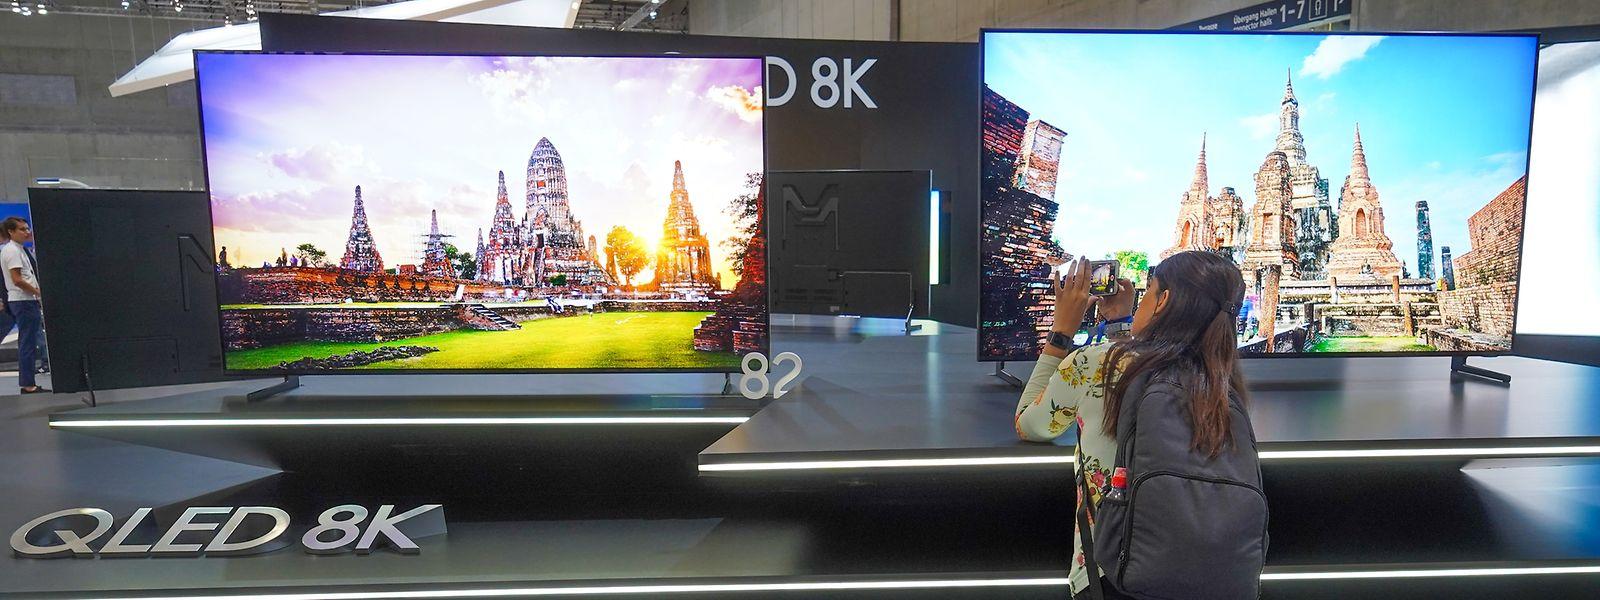 Am Stand von Samsung werden die neuesten QLED 8K Fernseher vorgestellt.